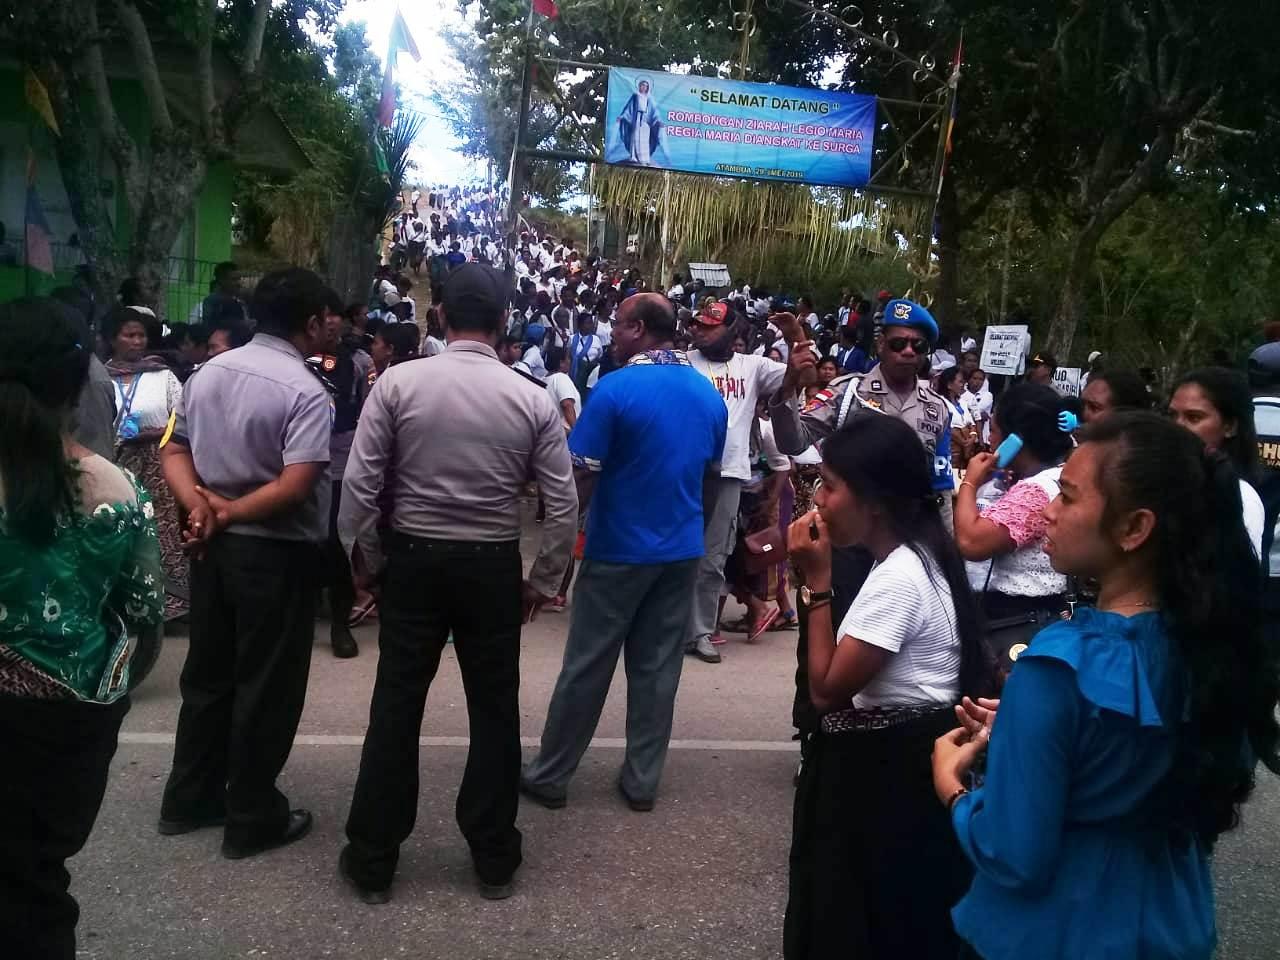 Polres Belu dan Polsek Kakuluk Mesak Lakukan Pengamanan Ziarah Legio Maria ke Gua Maria Weliurai